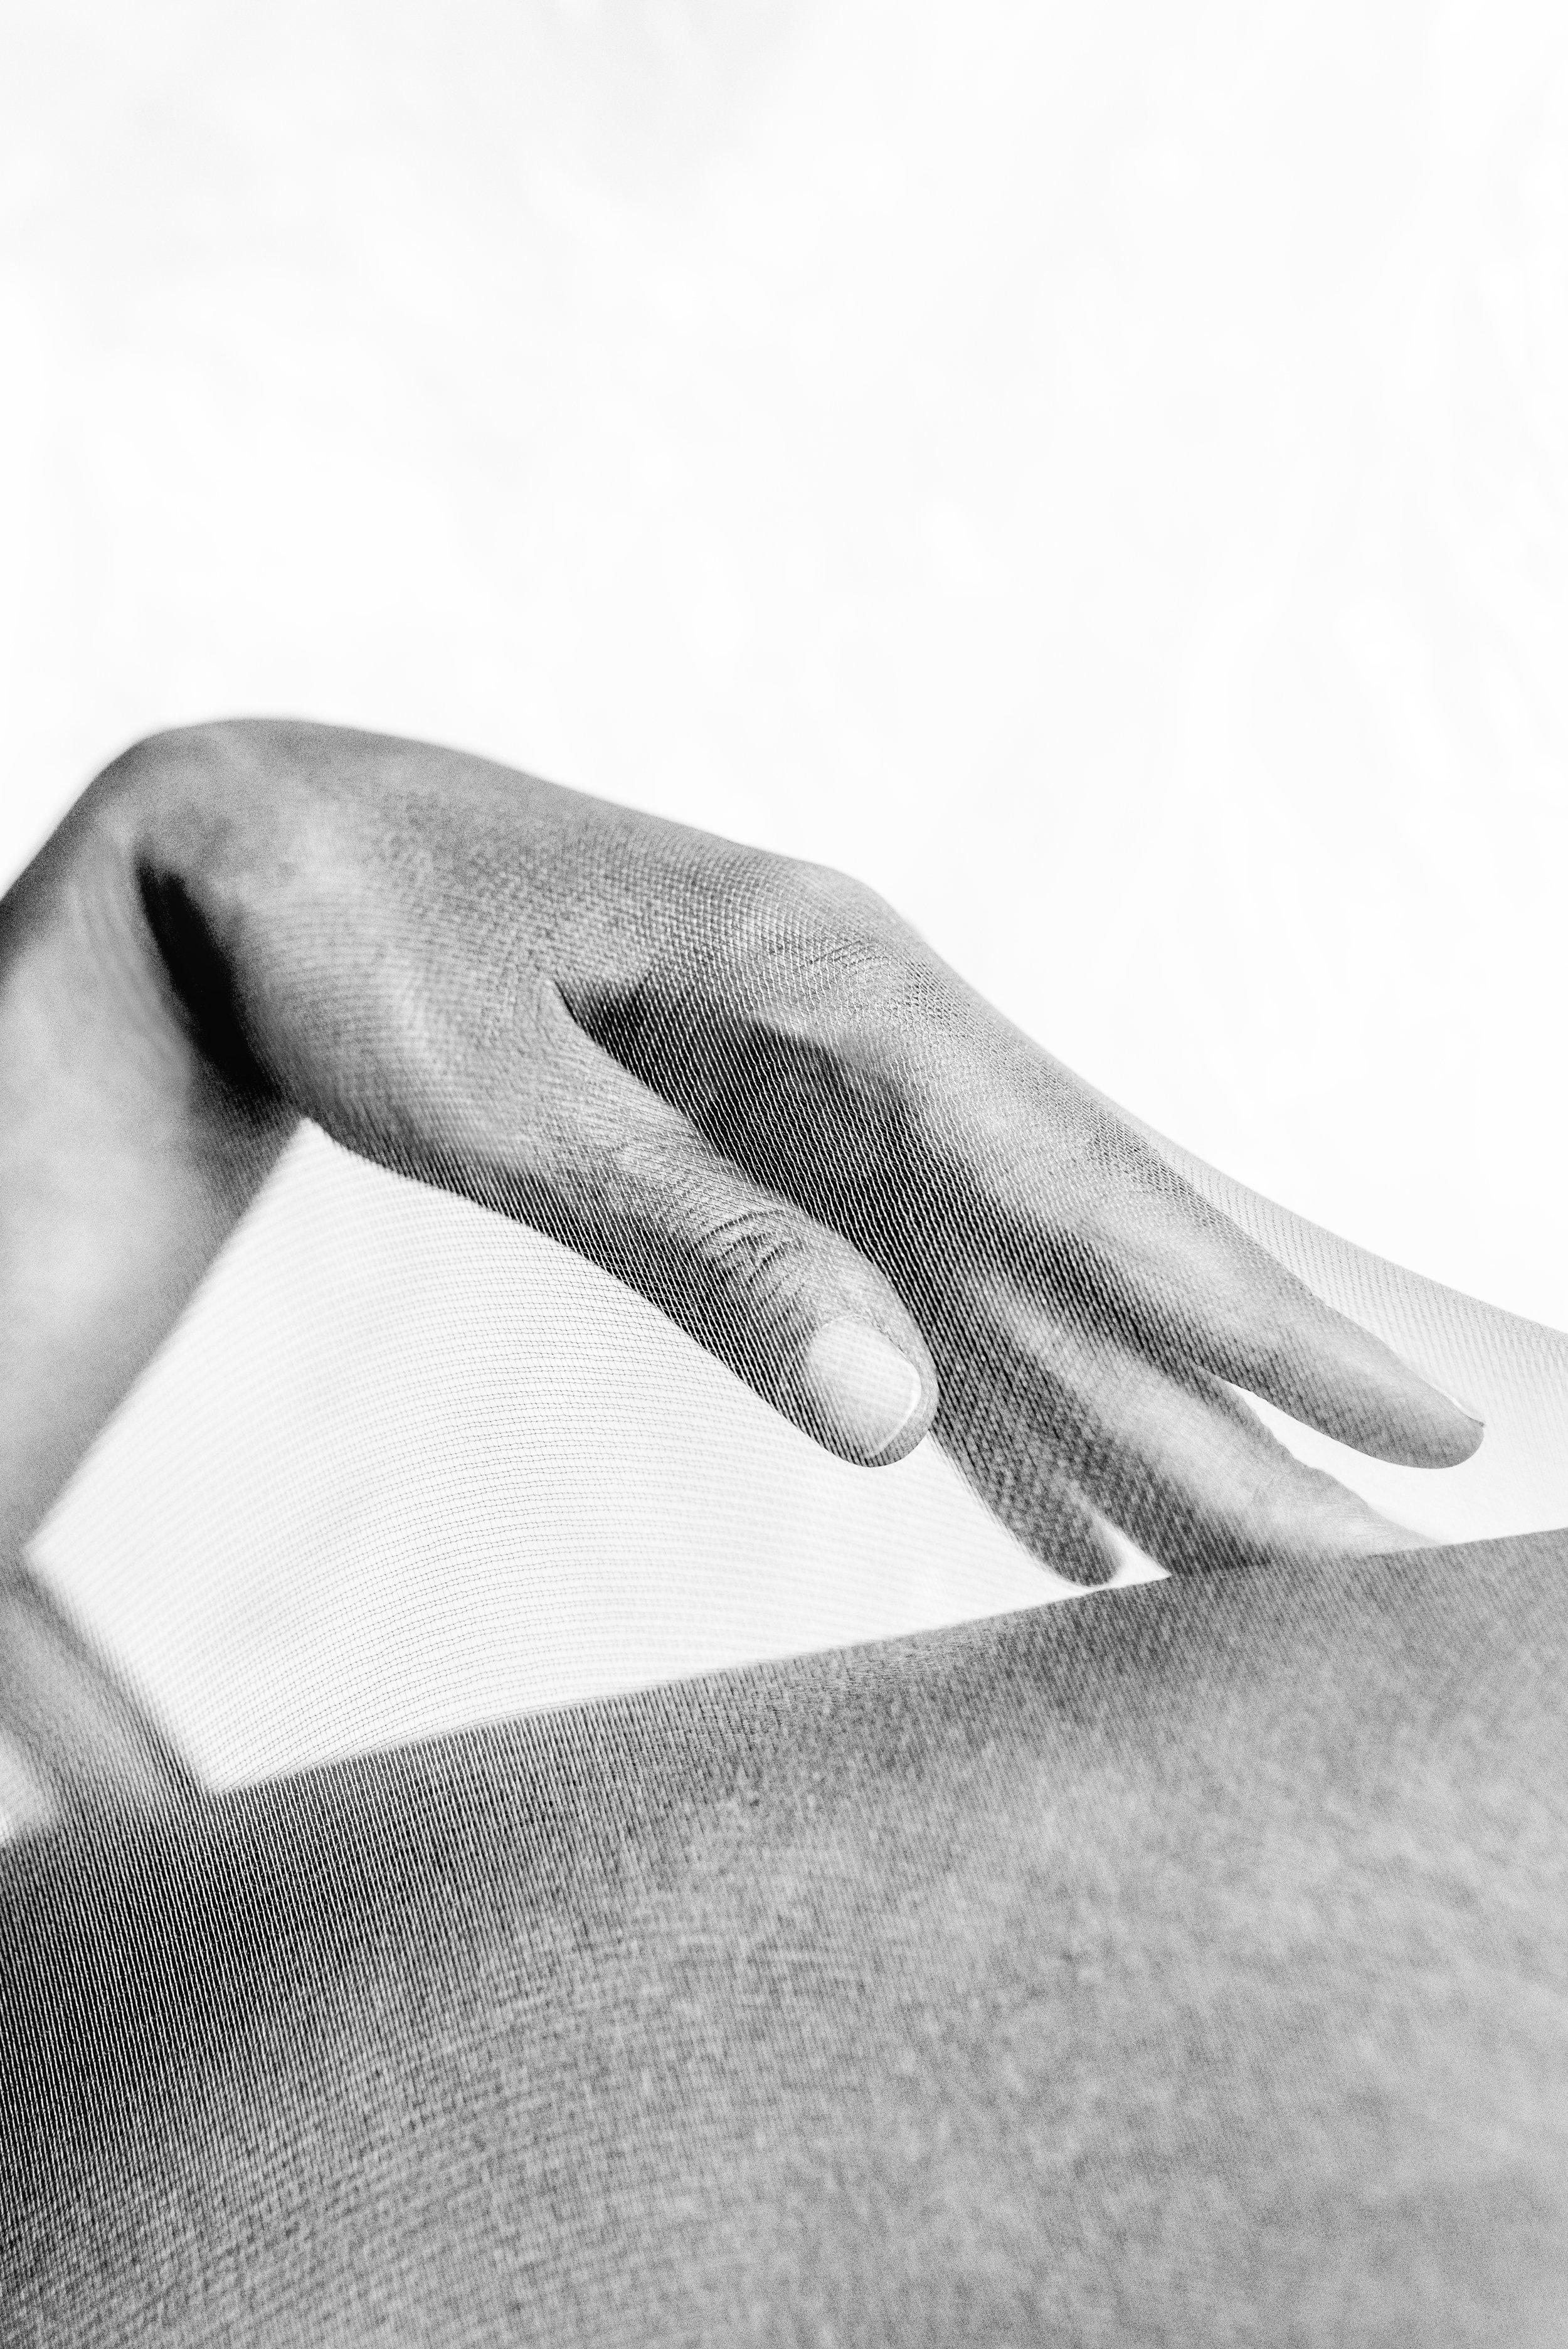 ITEM M6 Beine Kompression Blog für Frauen über 50 schlanke und gesunde Beine mit Kompressionsstrümpfen  Tights Invisible Women  Item M6 Tipps für Frauen über 40 und über 50. BeFifty Blog für Frauen über 40 und über 50.